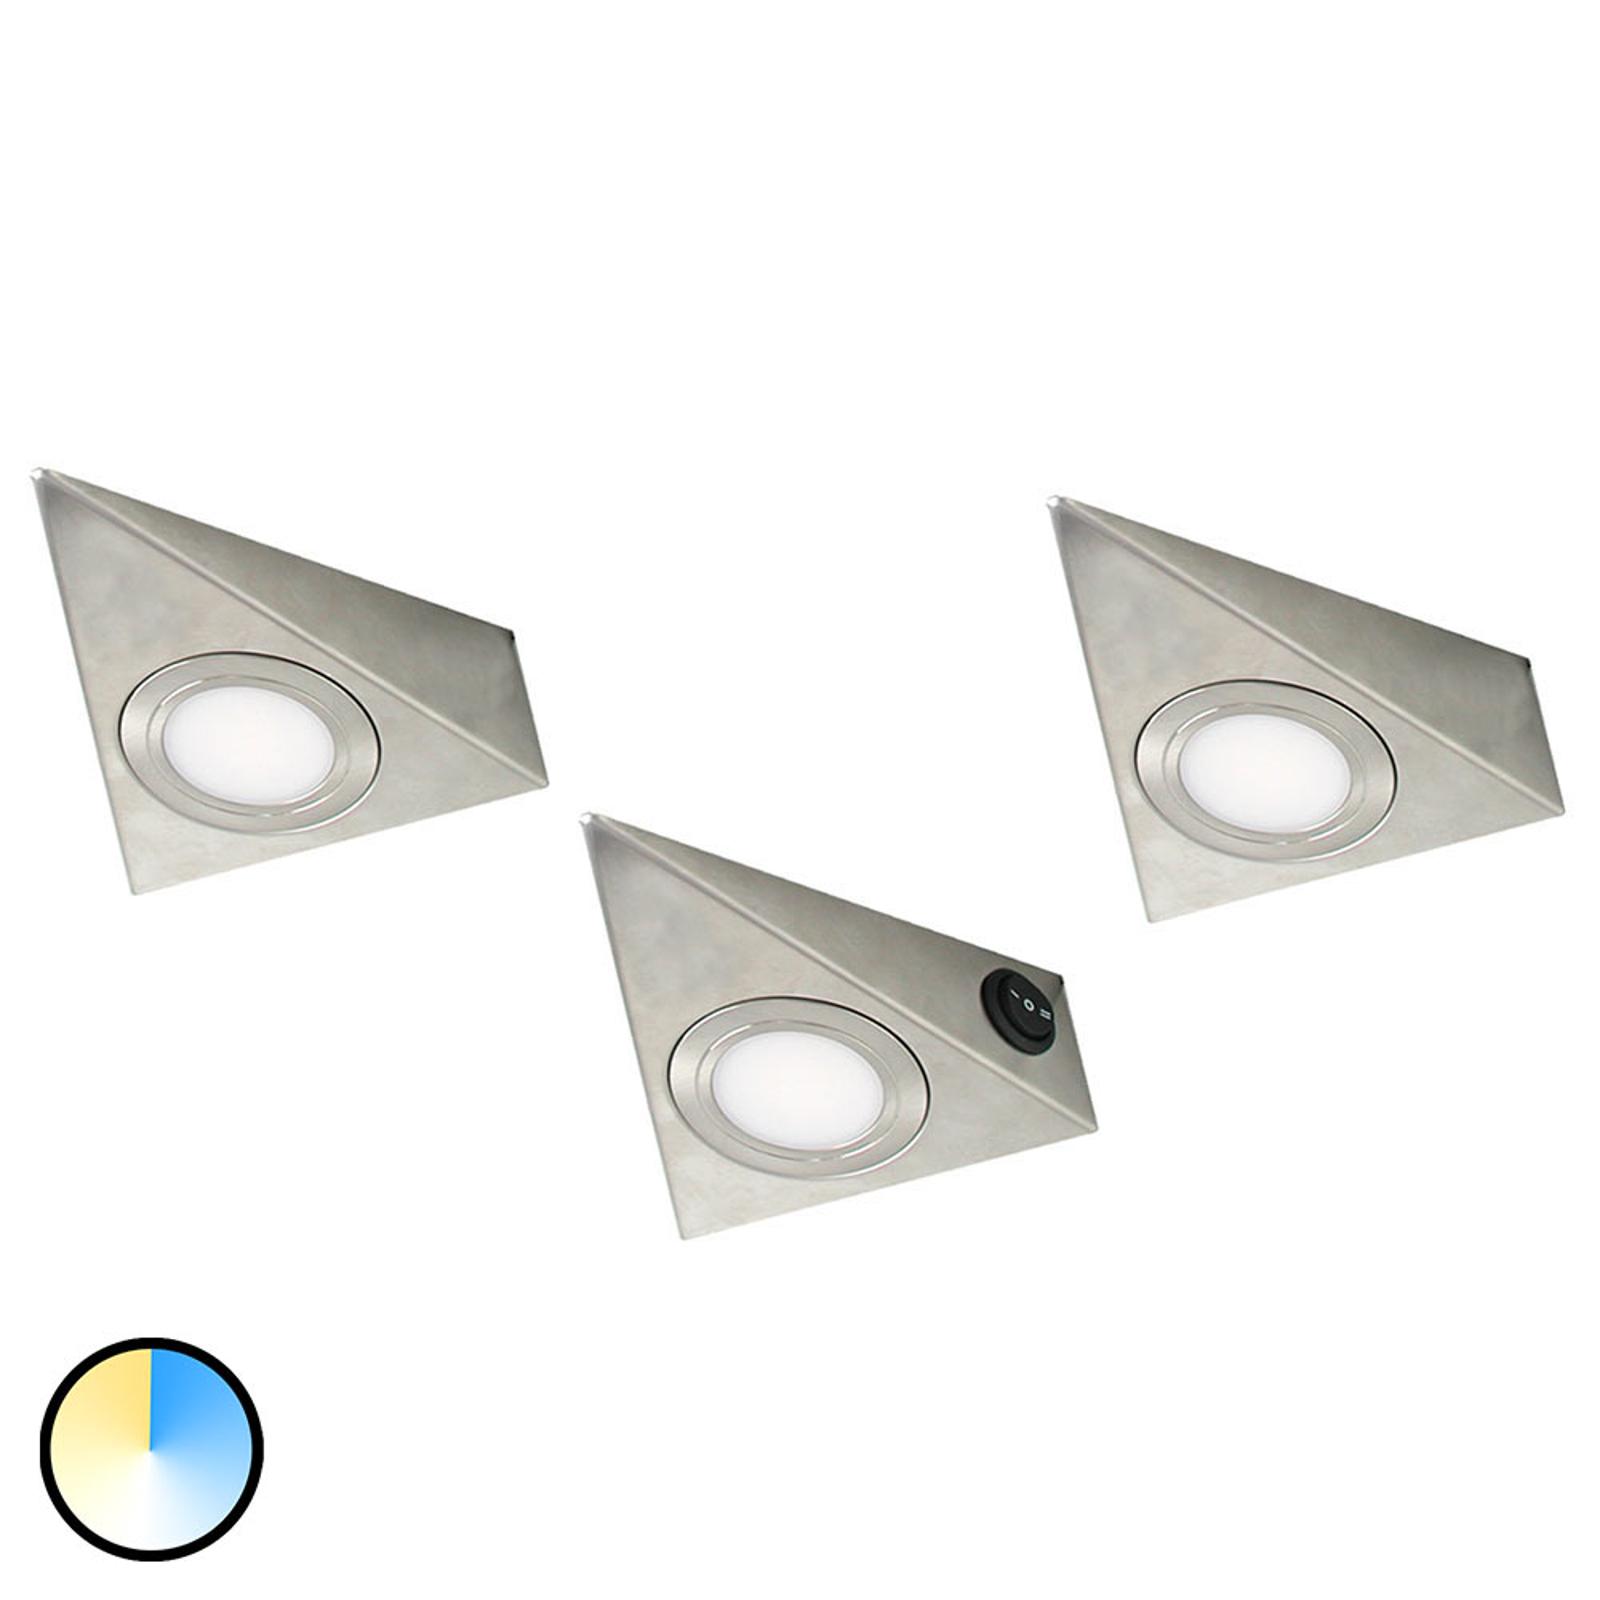 Trekantig LED-bänklampa CS, 3 stycken